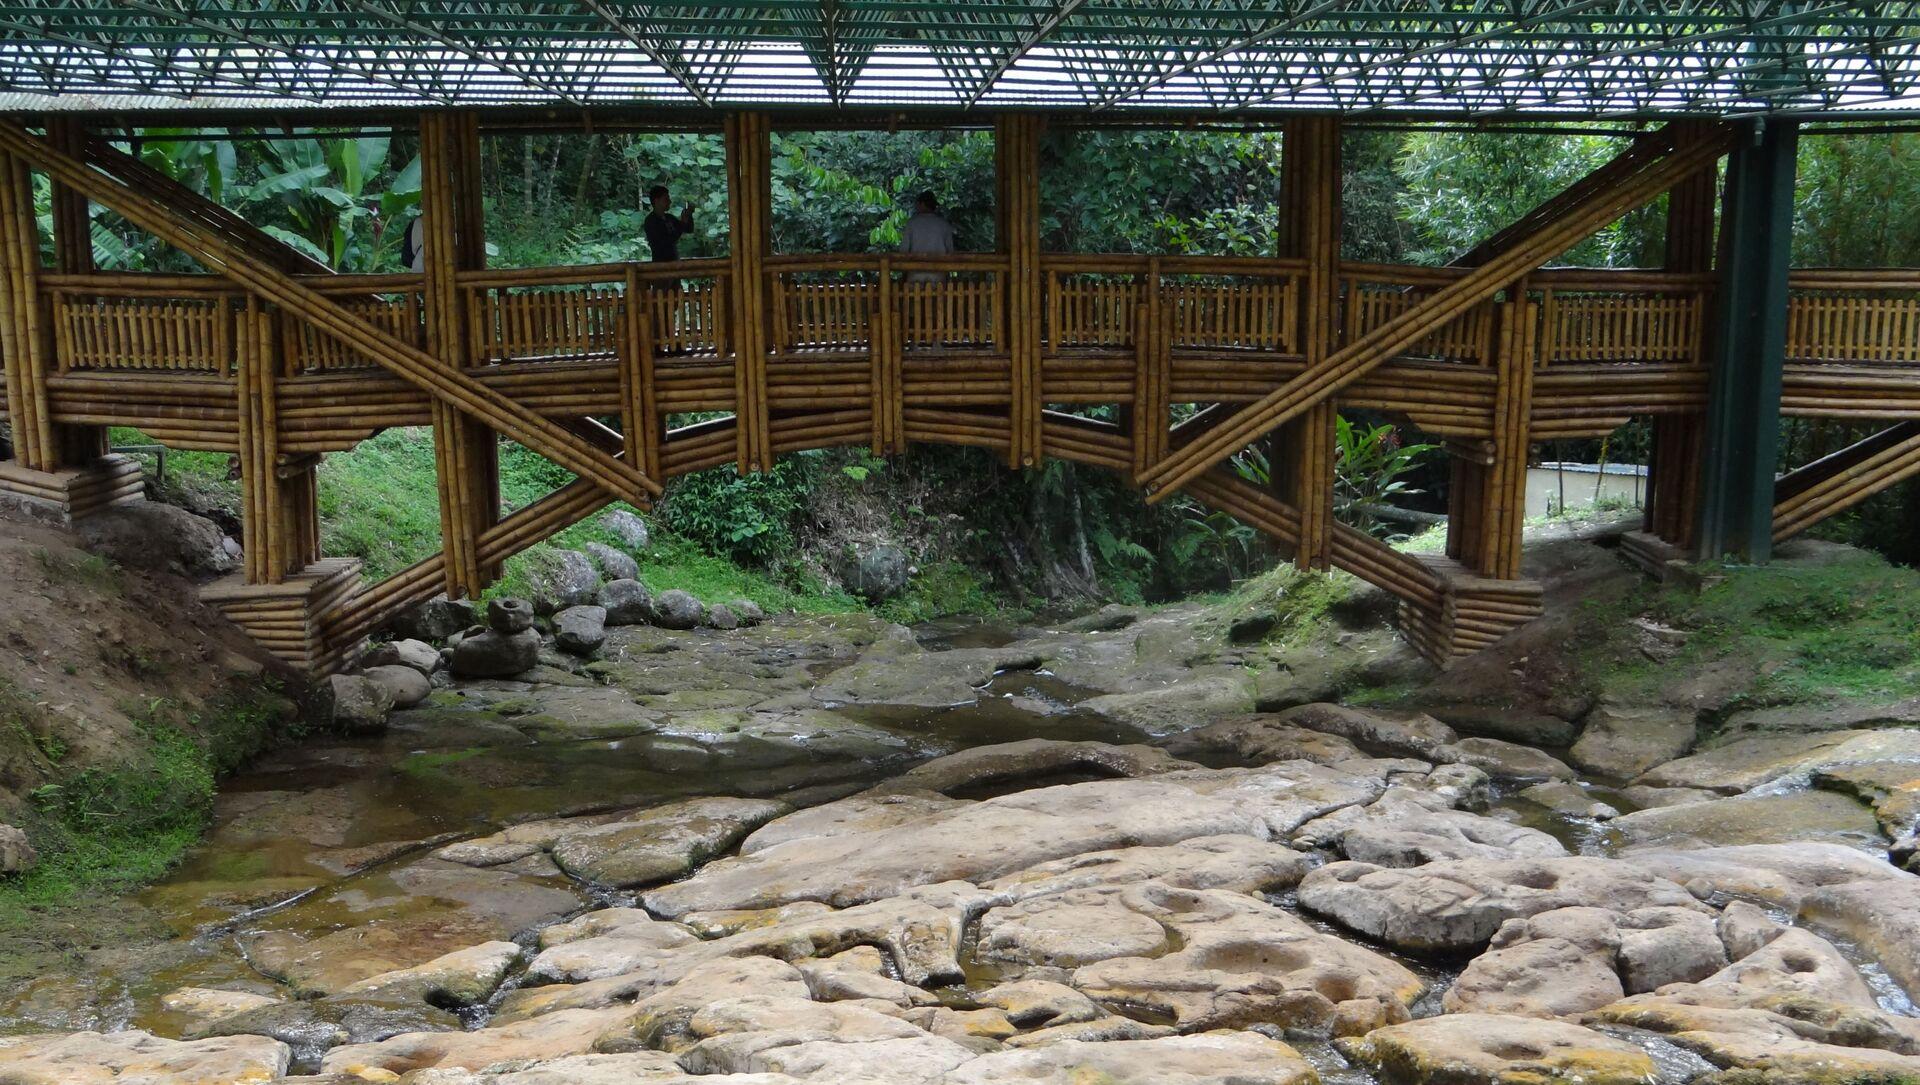 Puente sobre Fuente del Lavapatas, Parque Arqueológico de San Agustín, Colombia - Sputnik Mundo, 1920, 11.02.2021